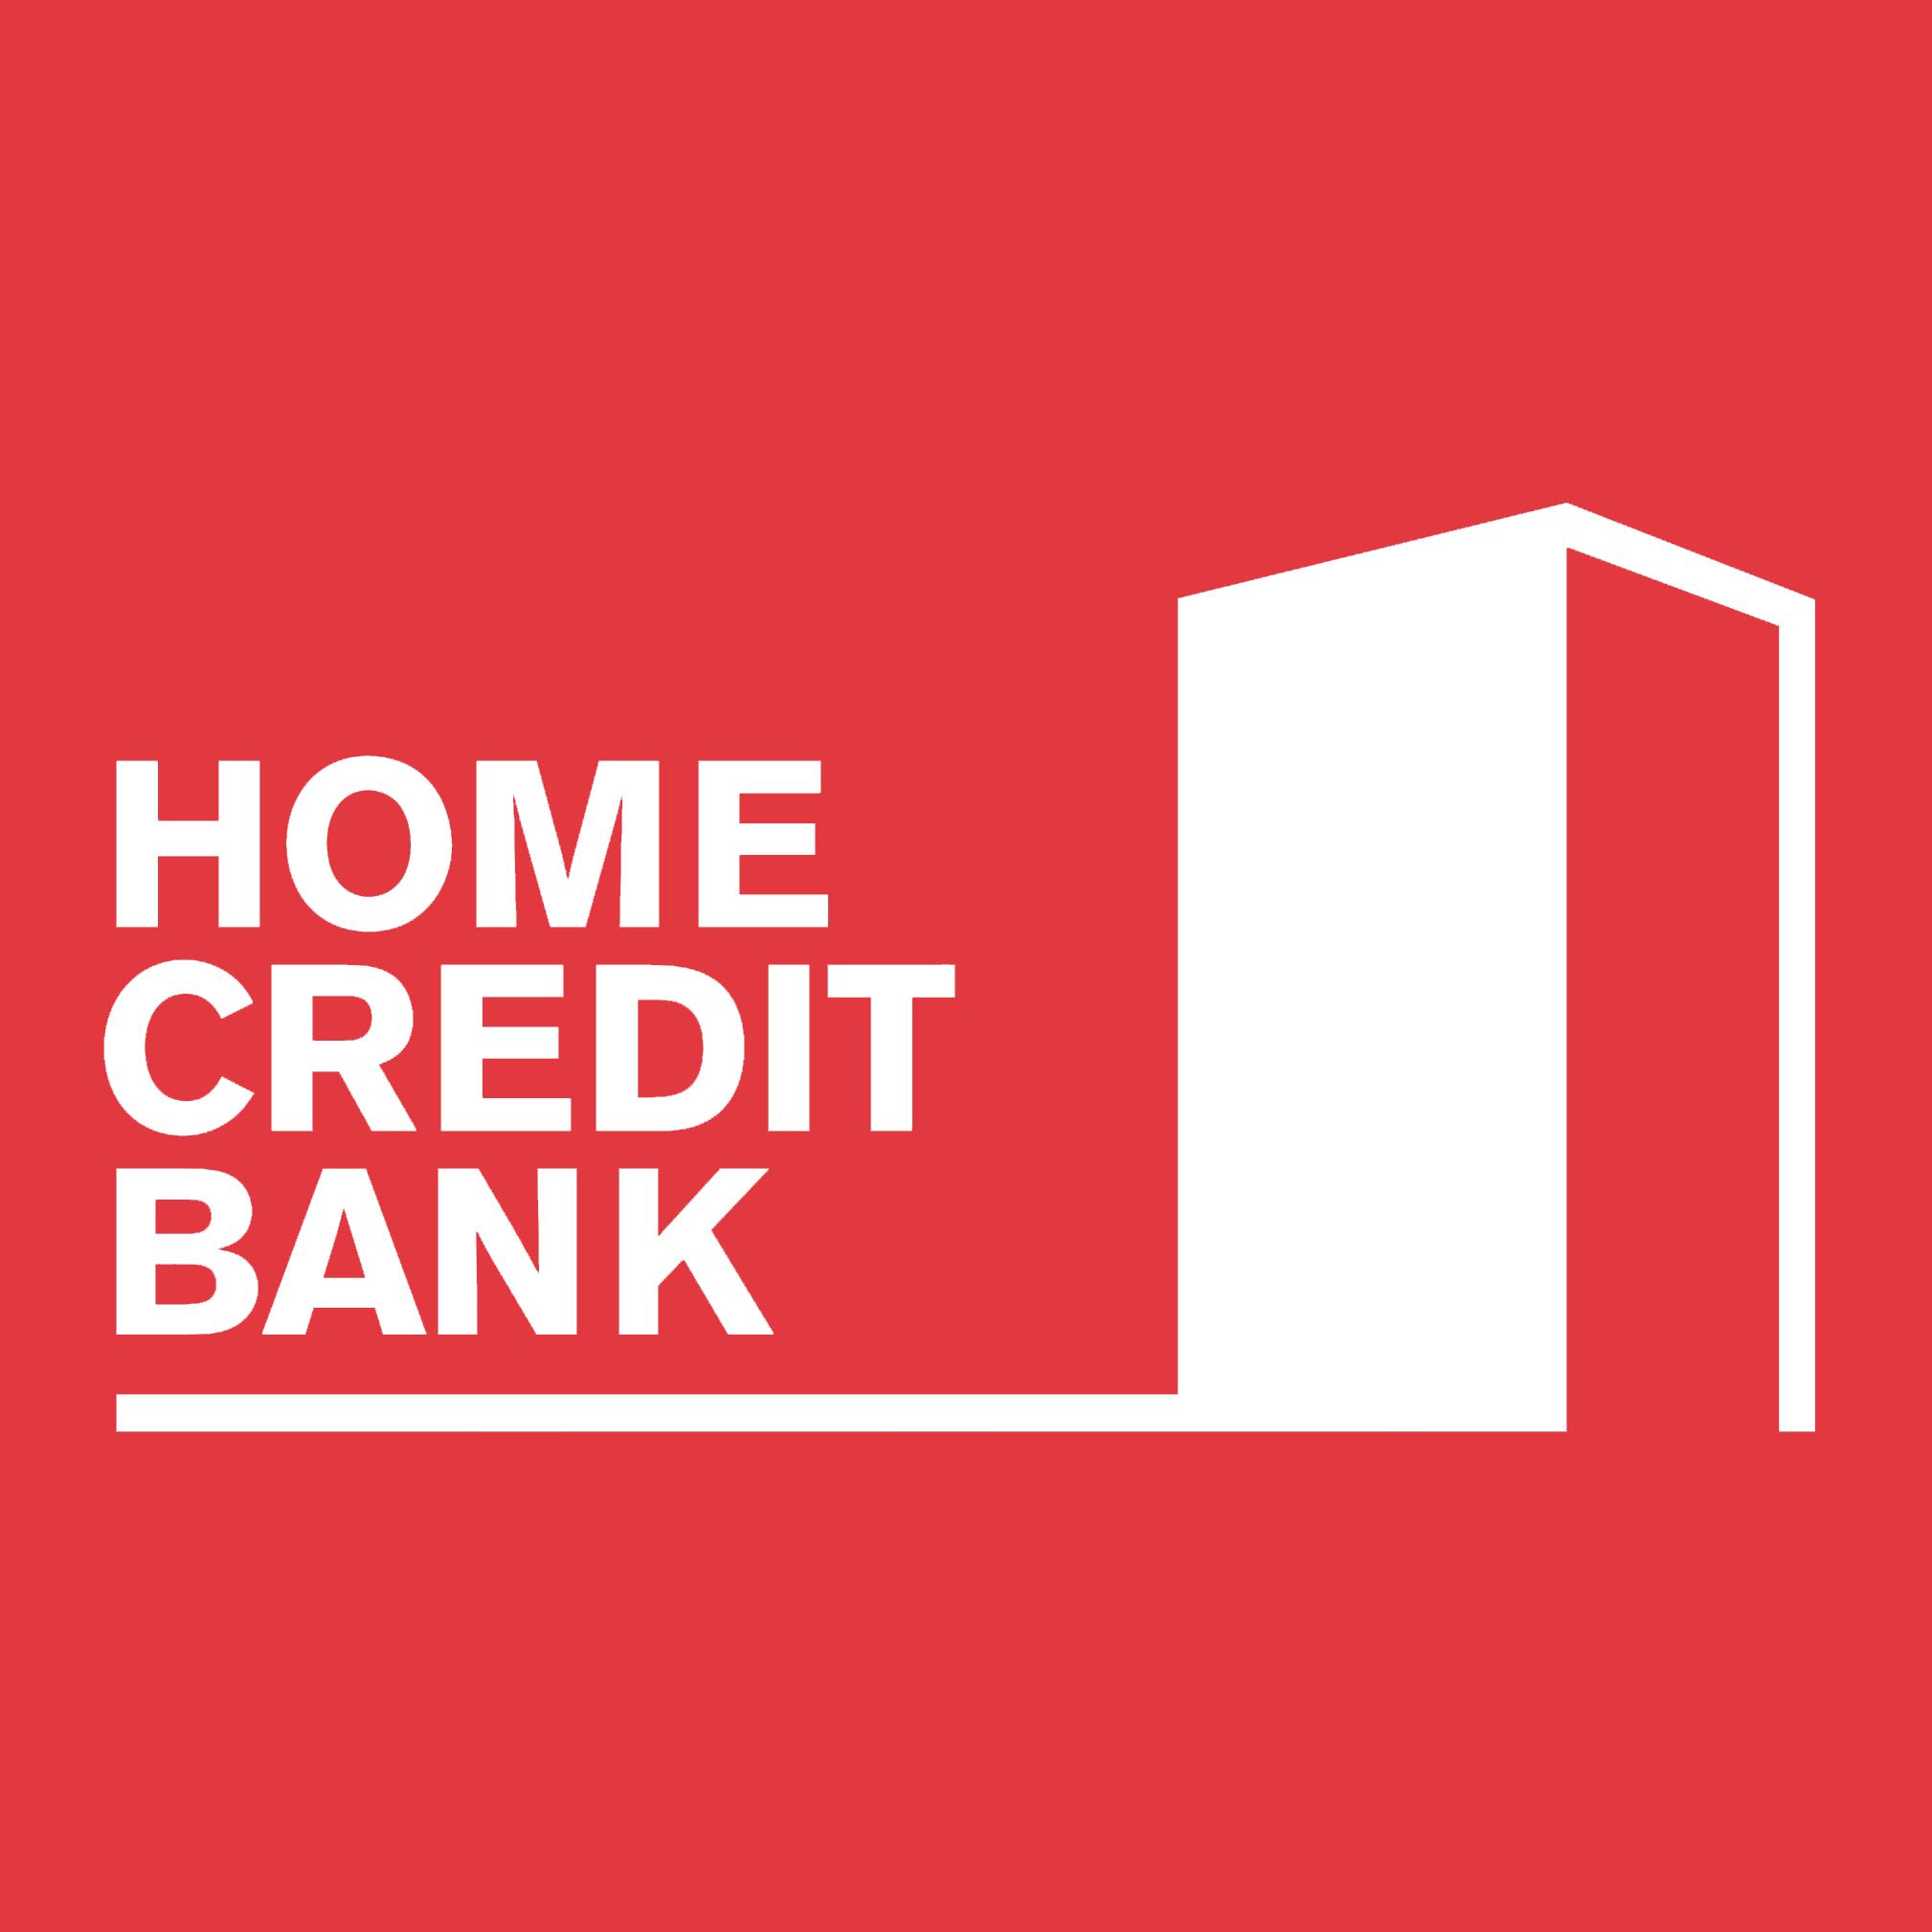 Офисы и отделения Банк Хоум Кредит в СанктПетербурге